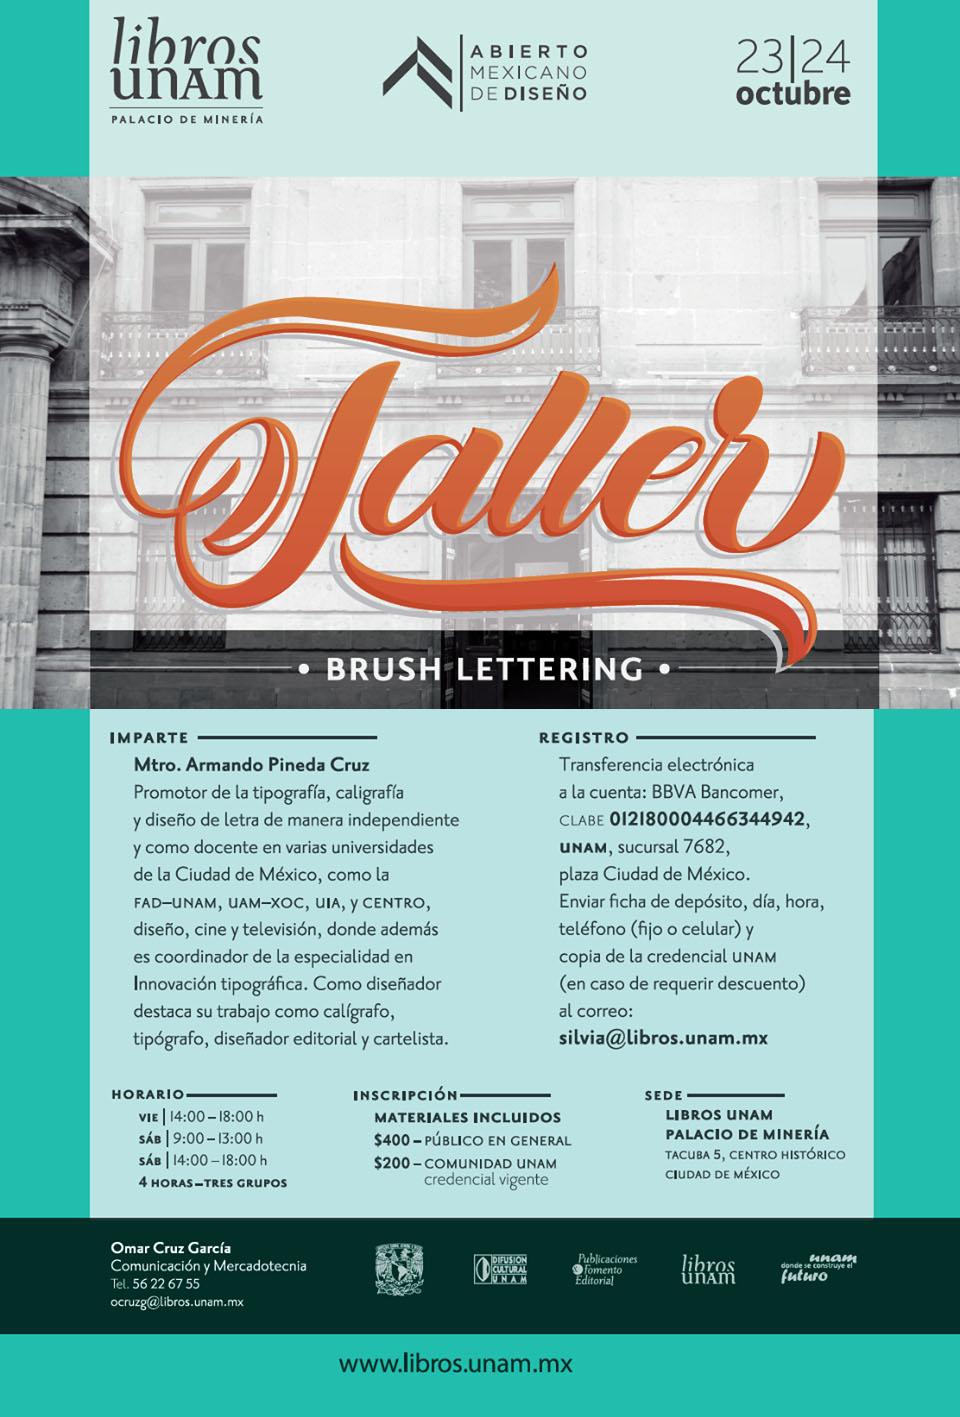 Taller Brush Lettering